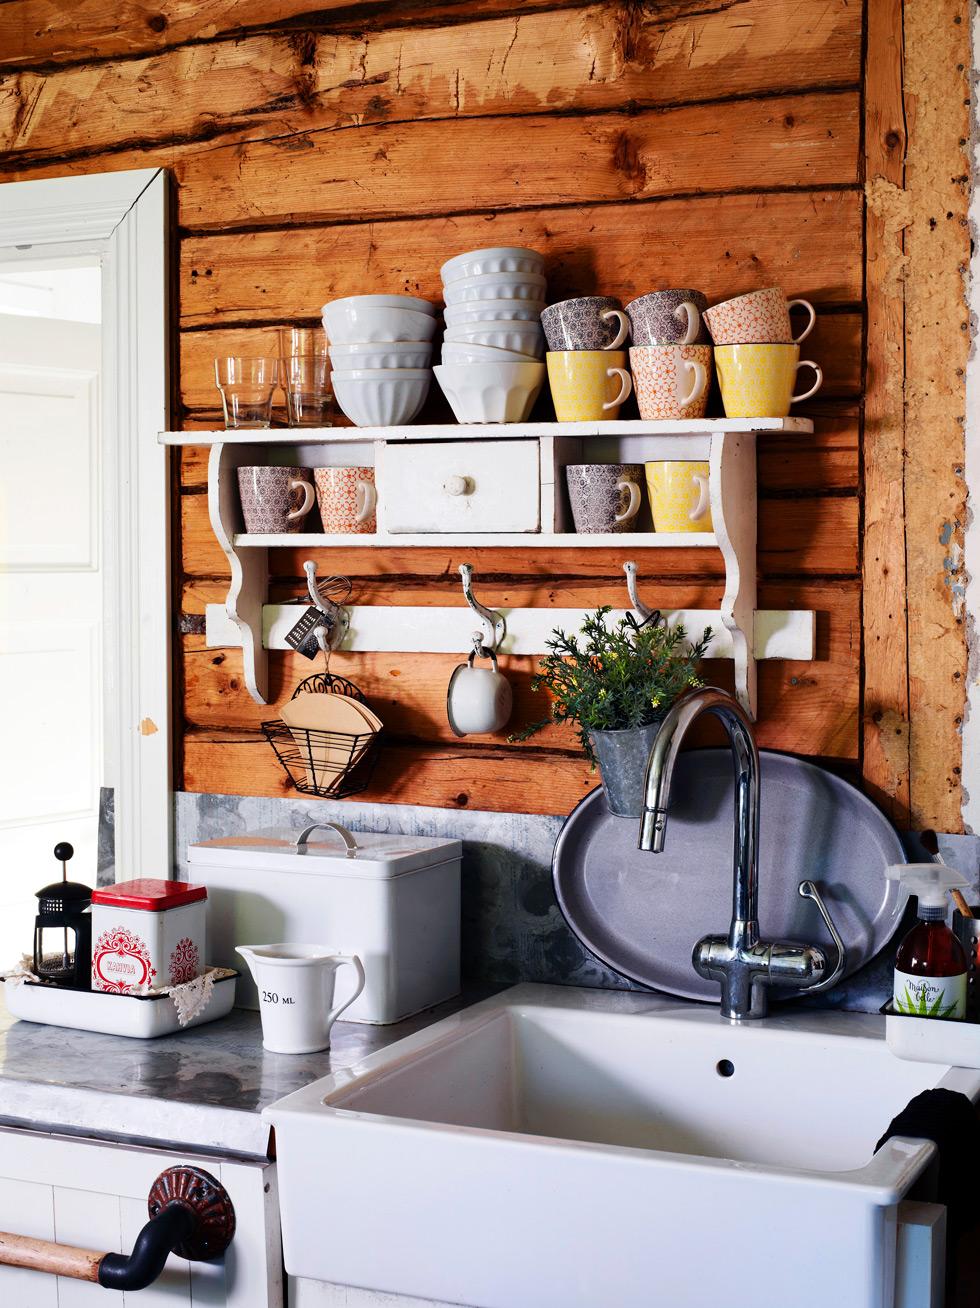 Vit porslinsdiskho i lantkök med timrad vägg.